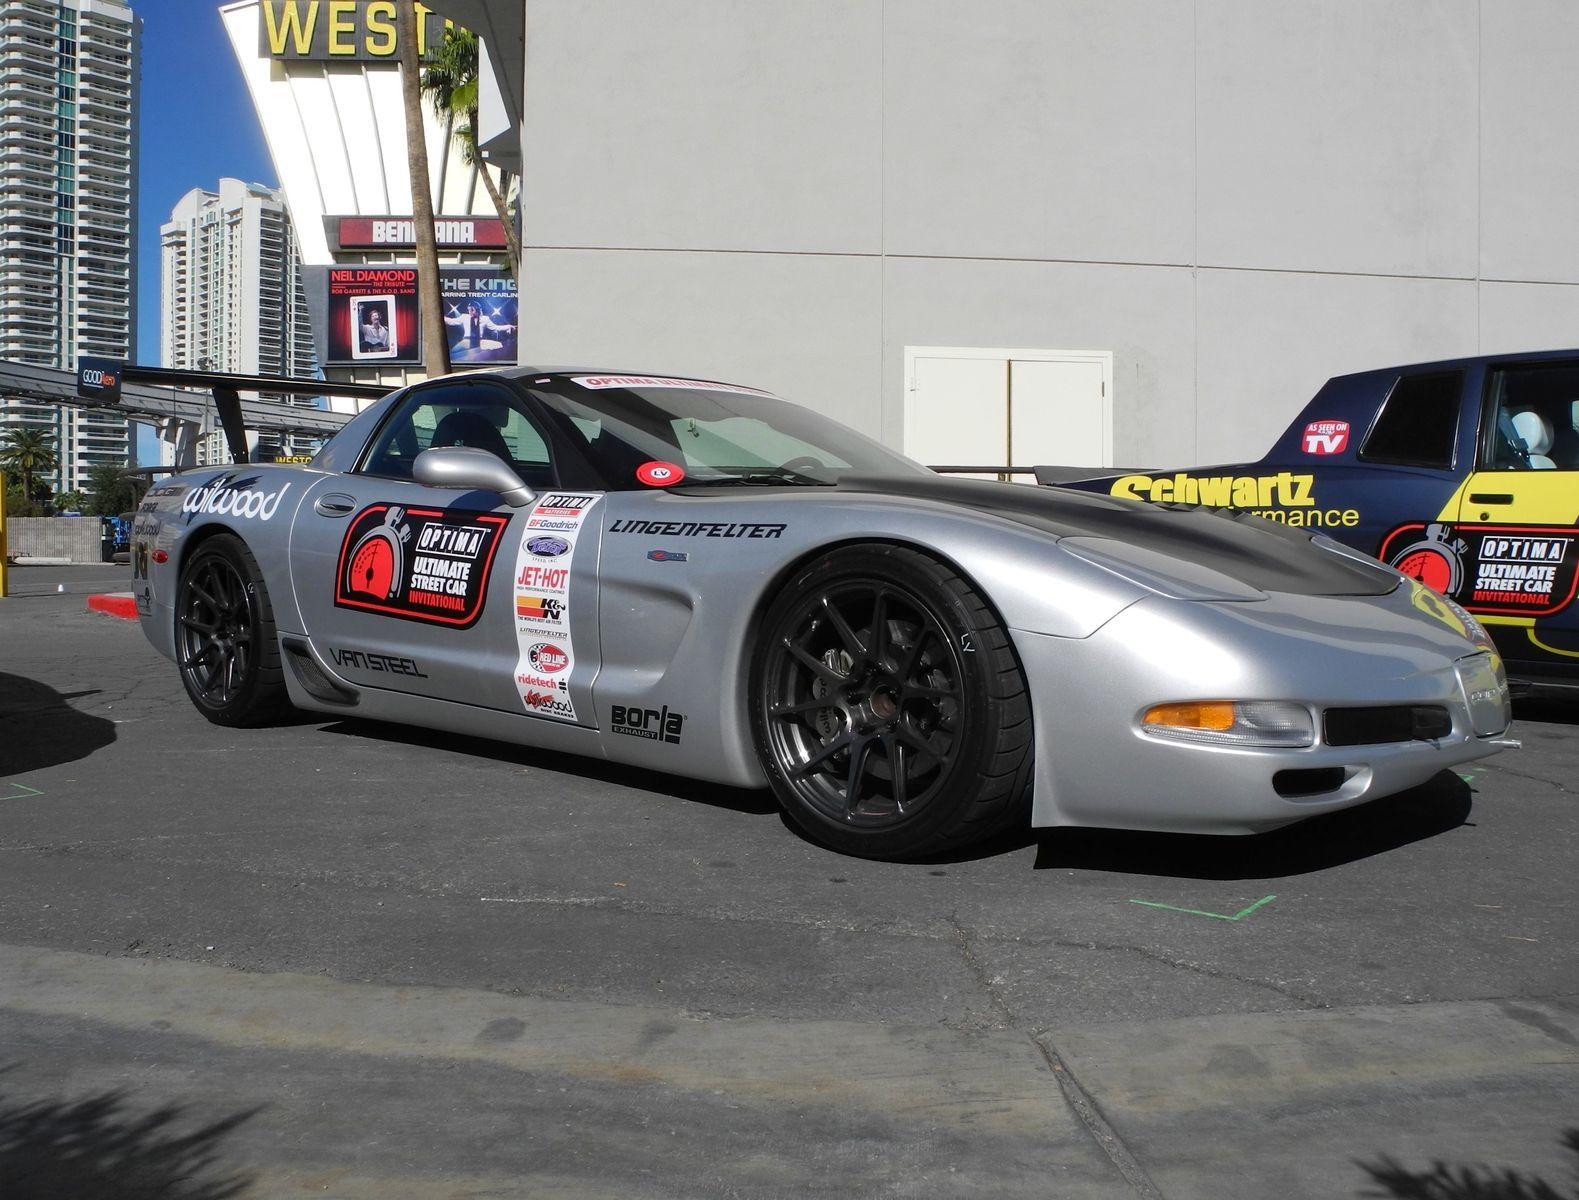 2002 Chevrolet Corvette | Karl Dunn's C5 Corvette on Forgeline One Piece Forged Monoblock